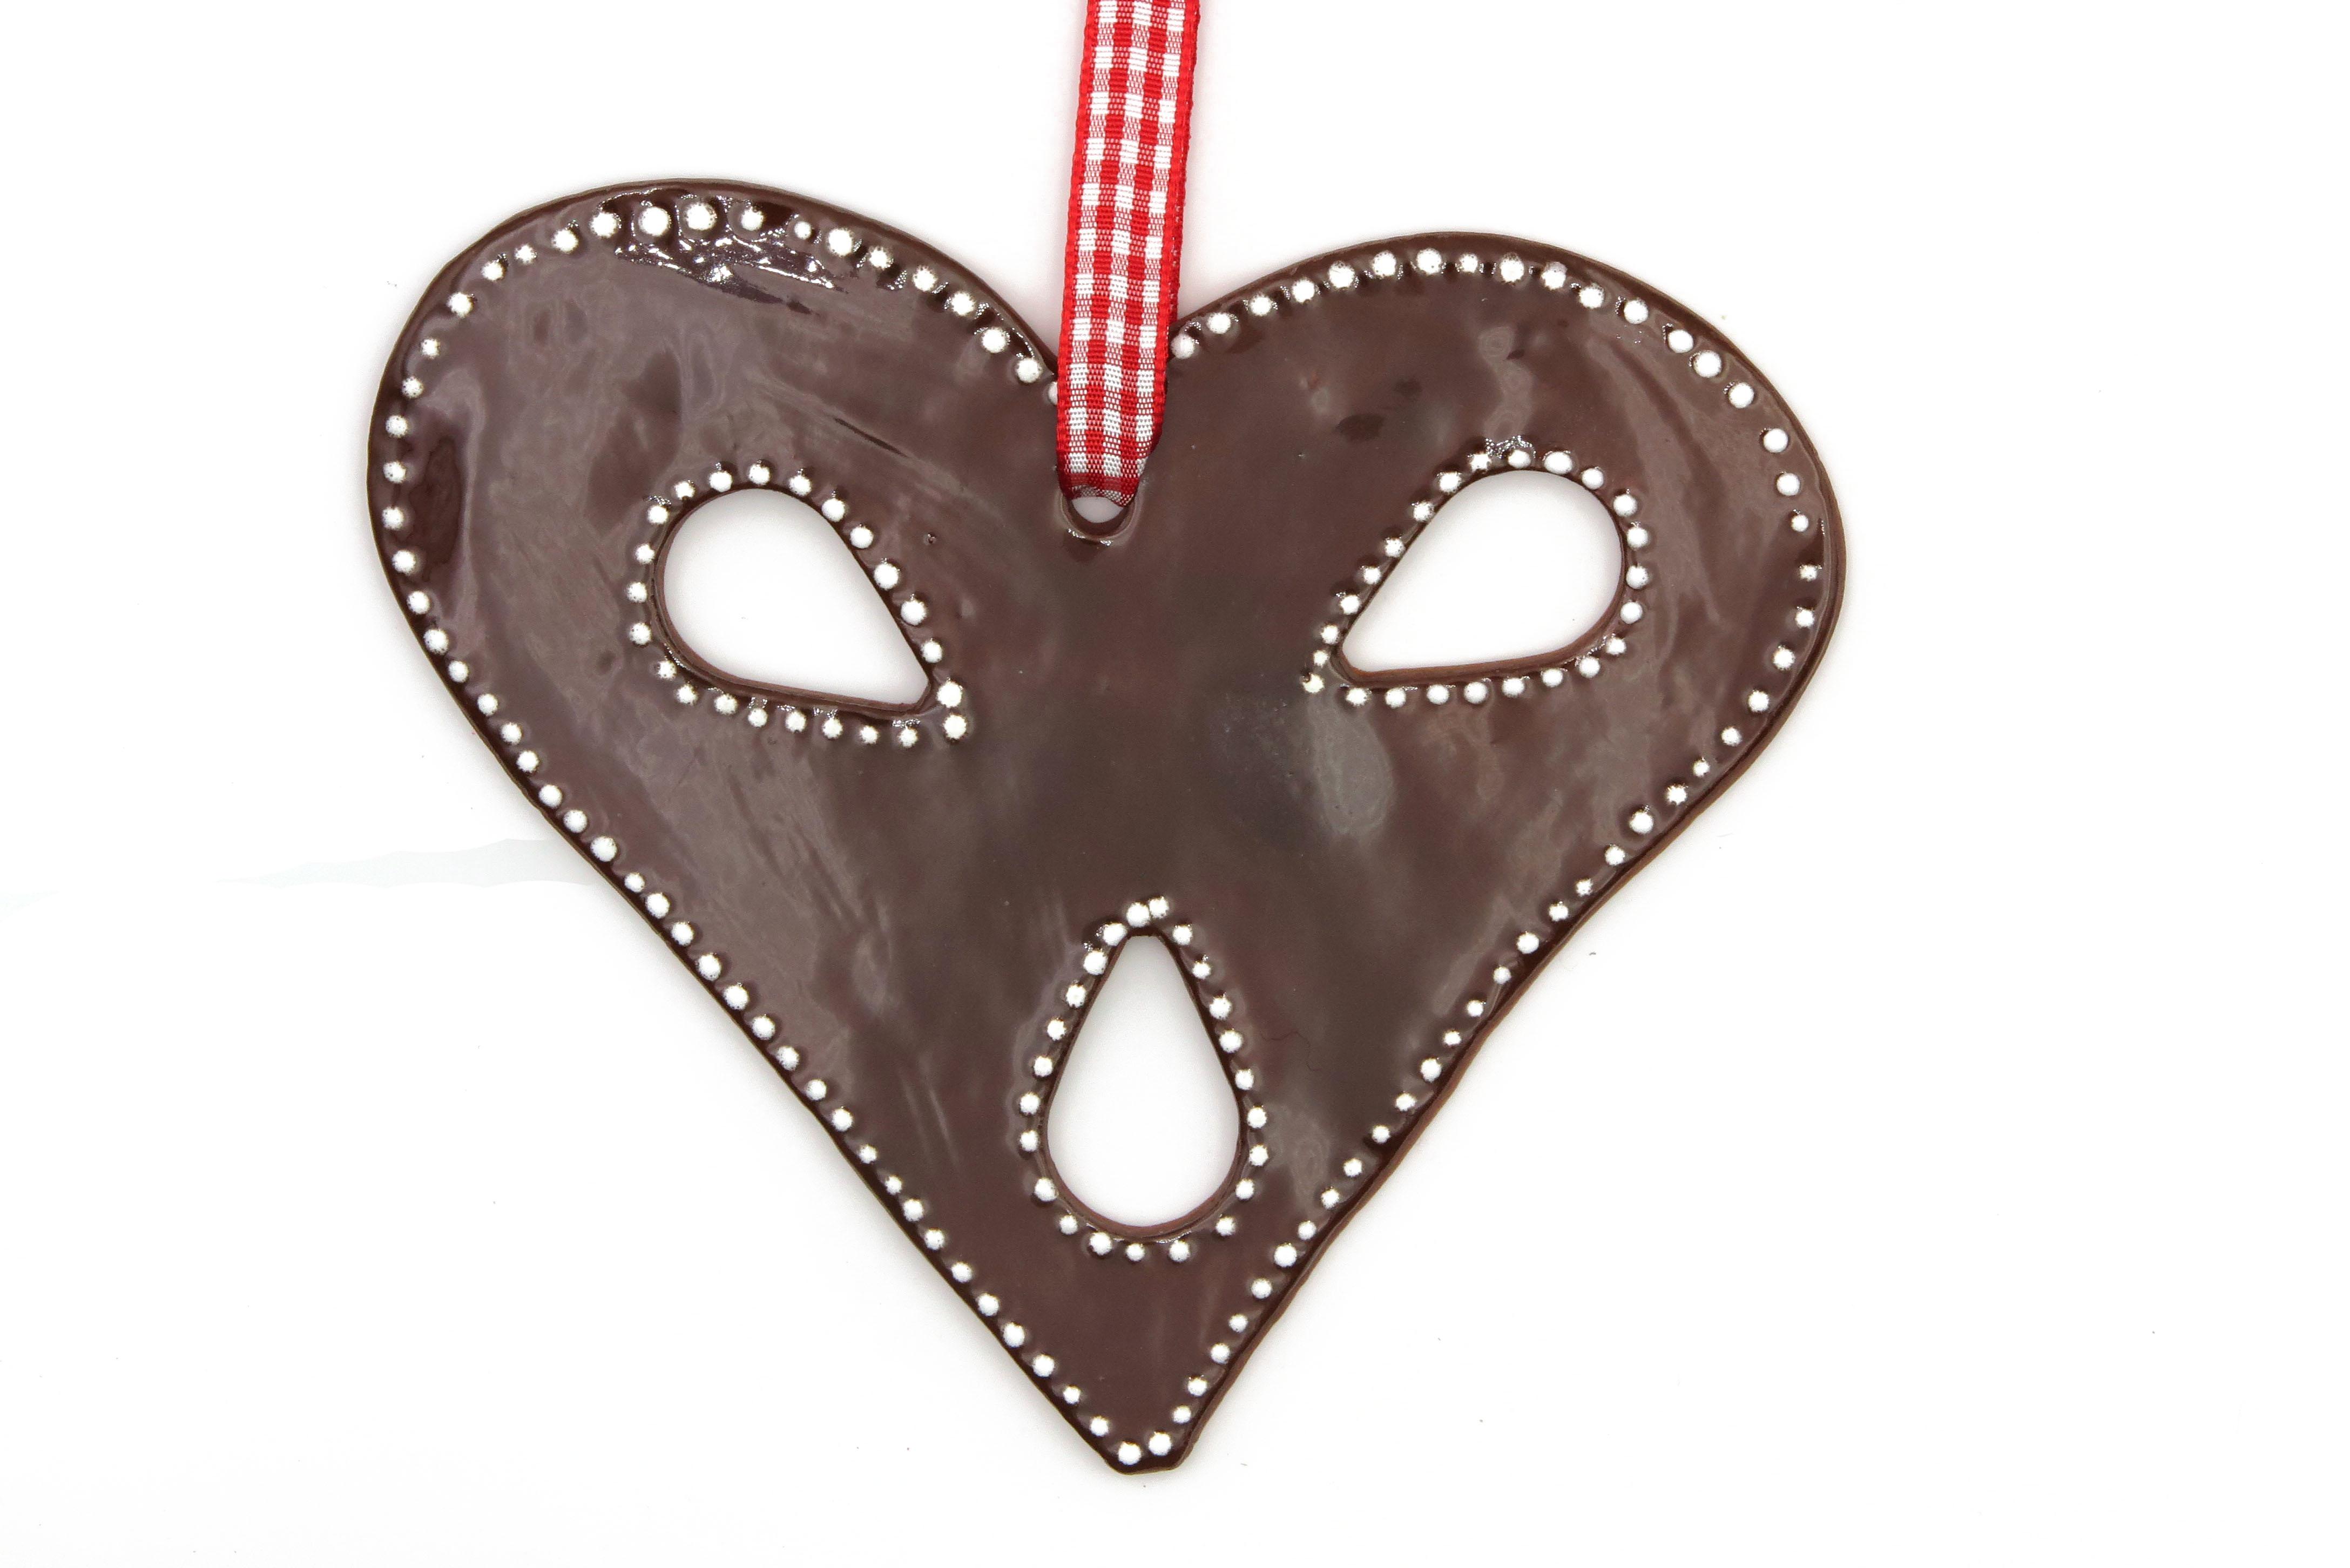 Schoko Lebkuchen Herz mit Zuckerguss Keramik Geschenk Anhänger / L 13cm